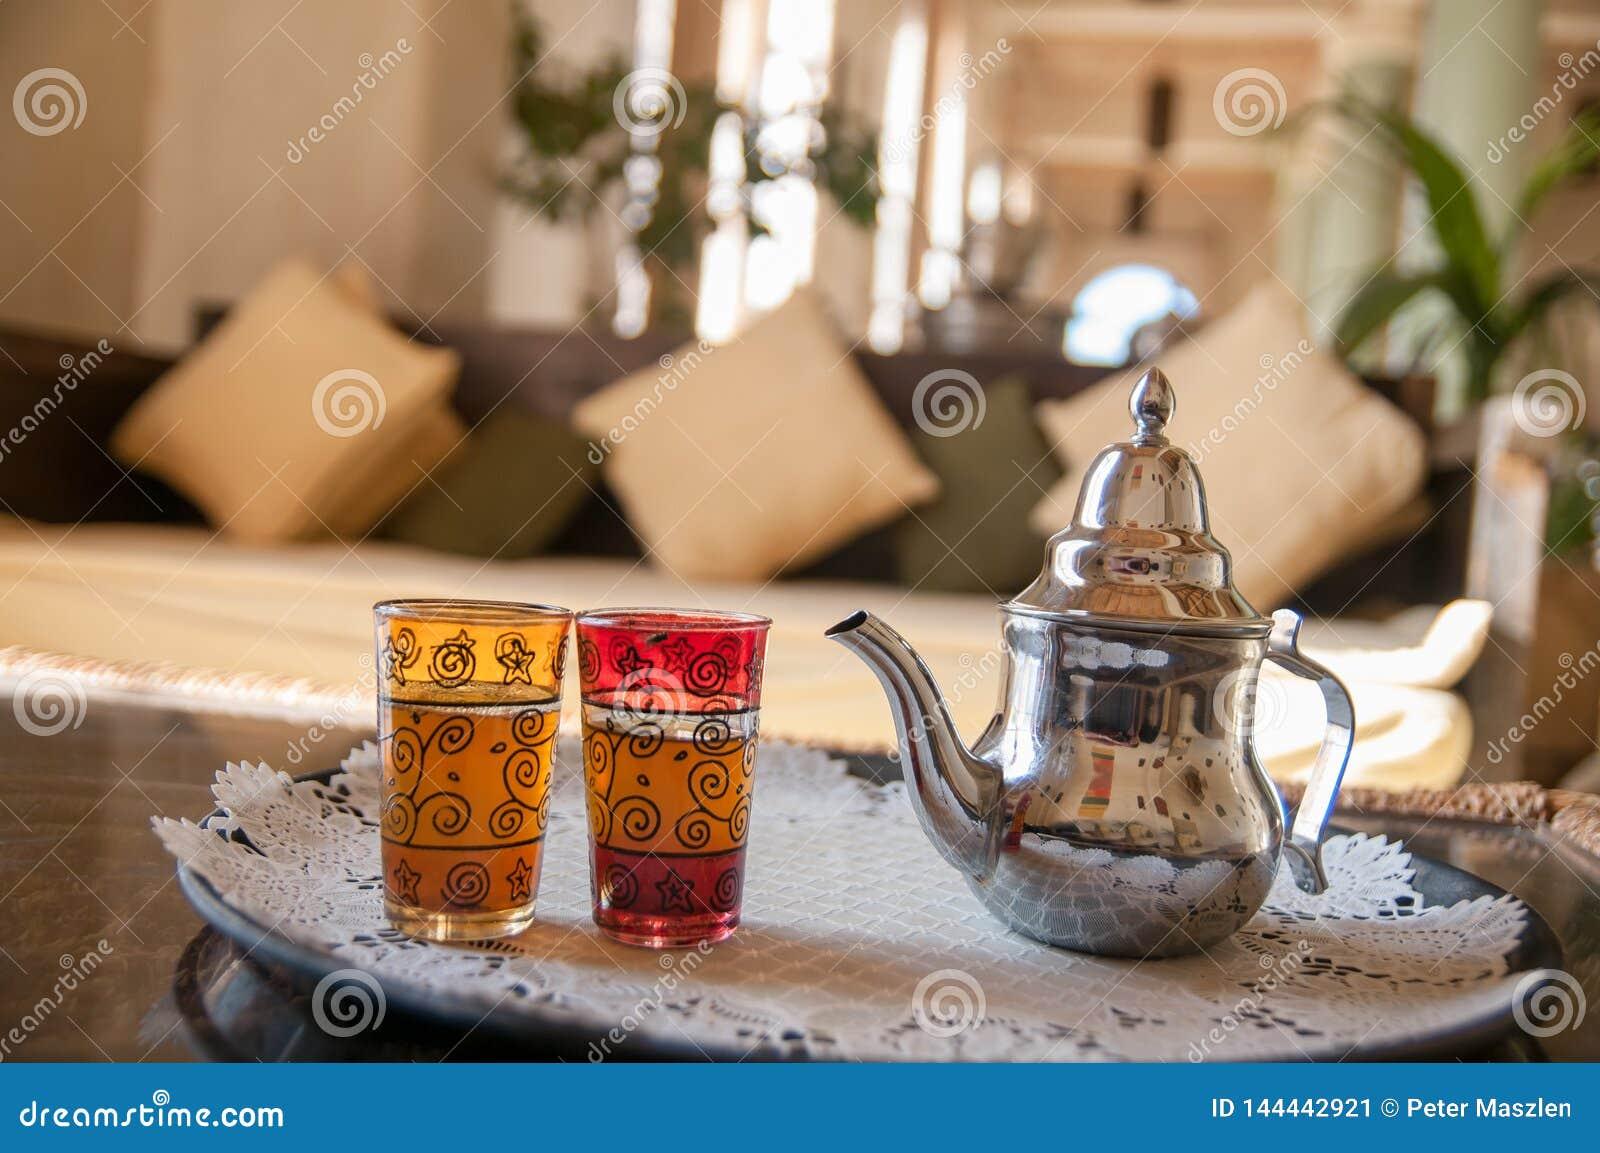 Ch? marroquino tradicional da hortel? com bule e vidros